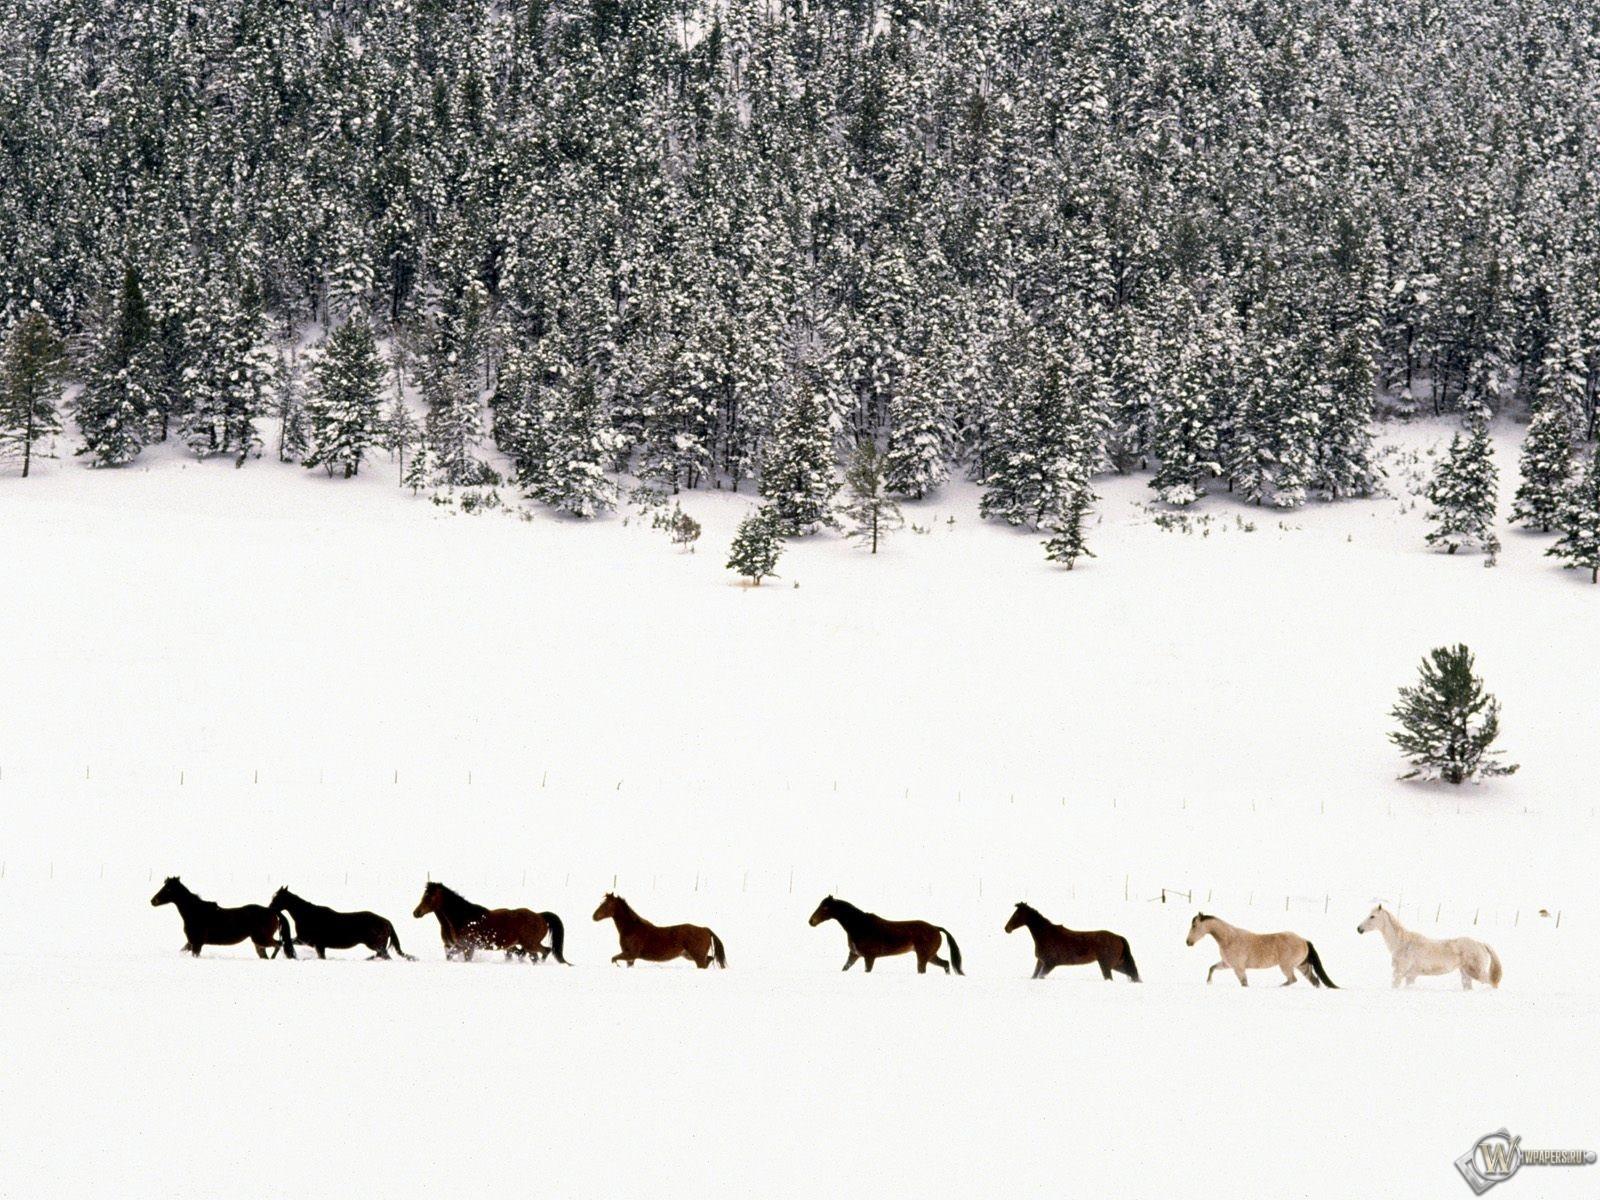 Лошади на снегу 1600x1200